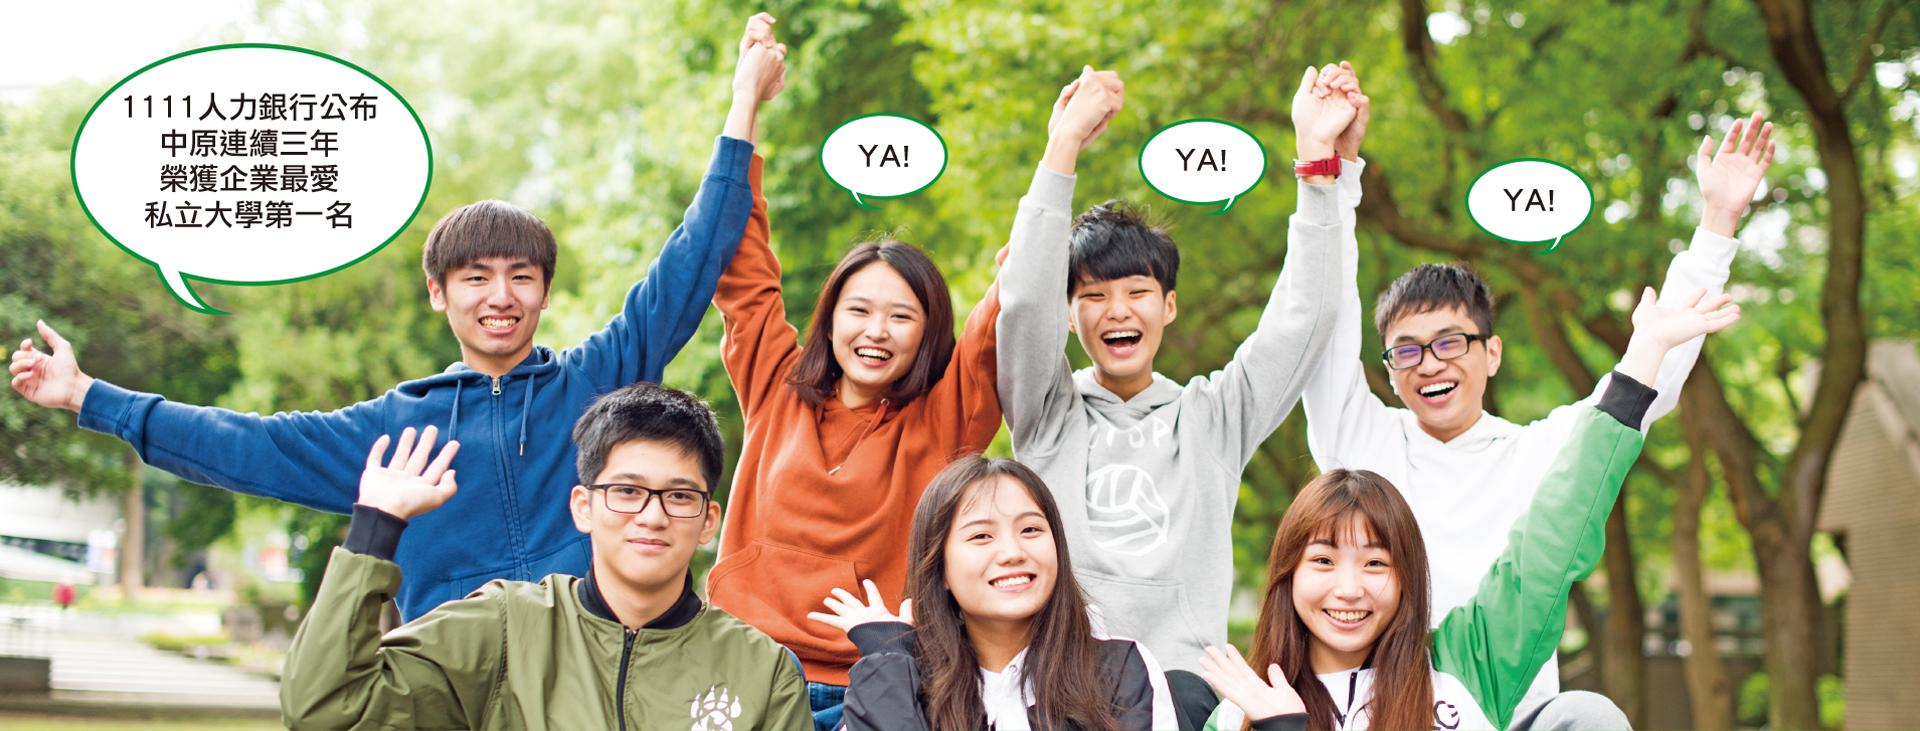 1111人力銀行2018企業最愛大學-中原3度榮獲私立大學第一名